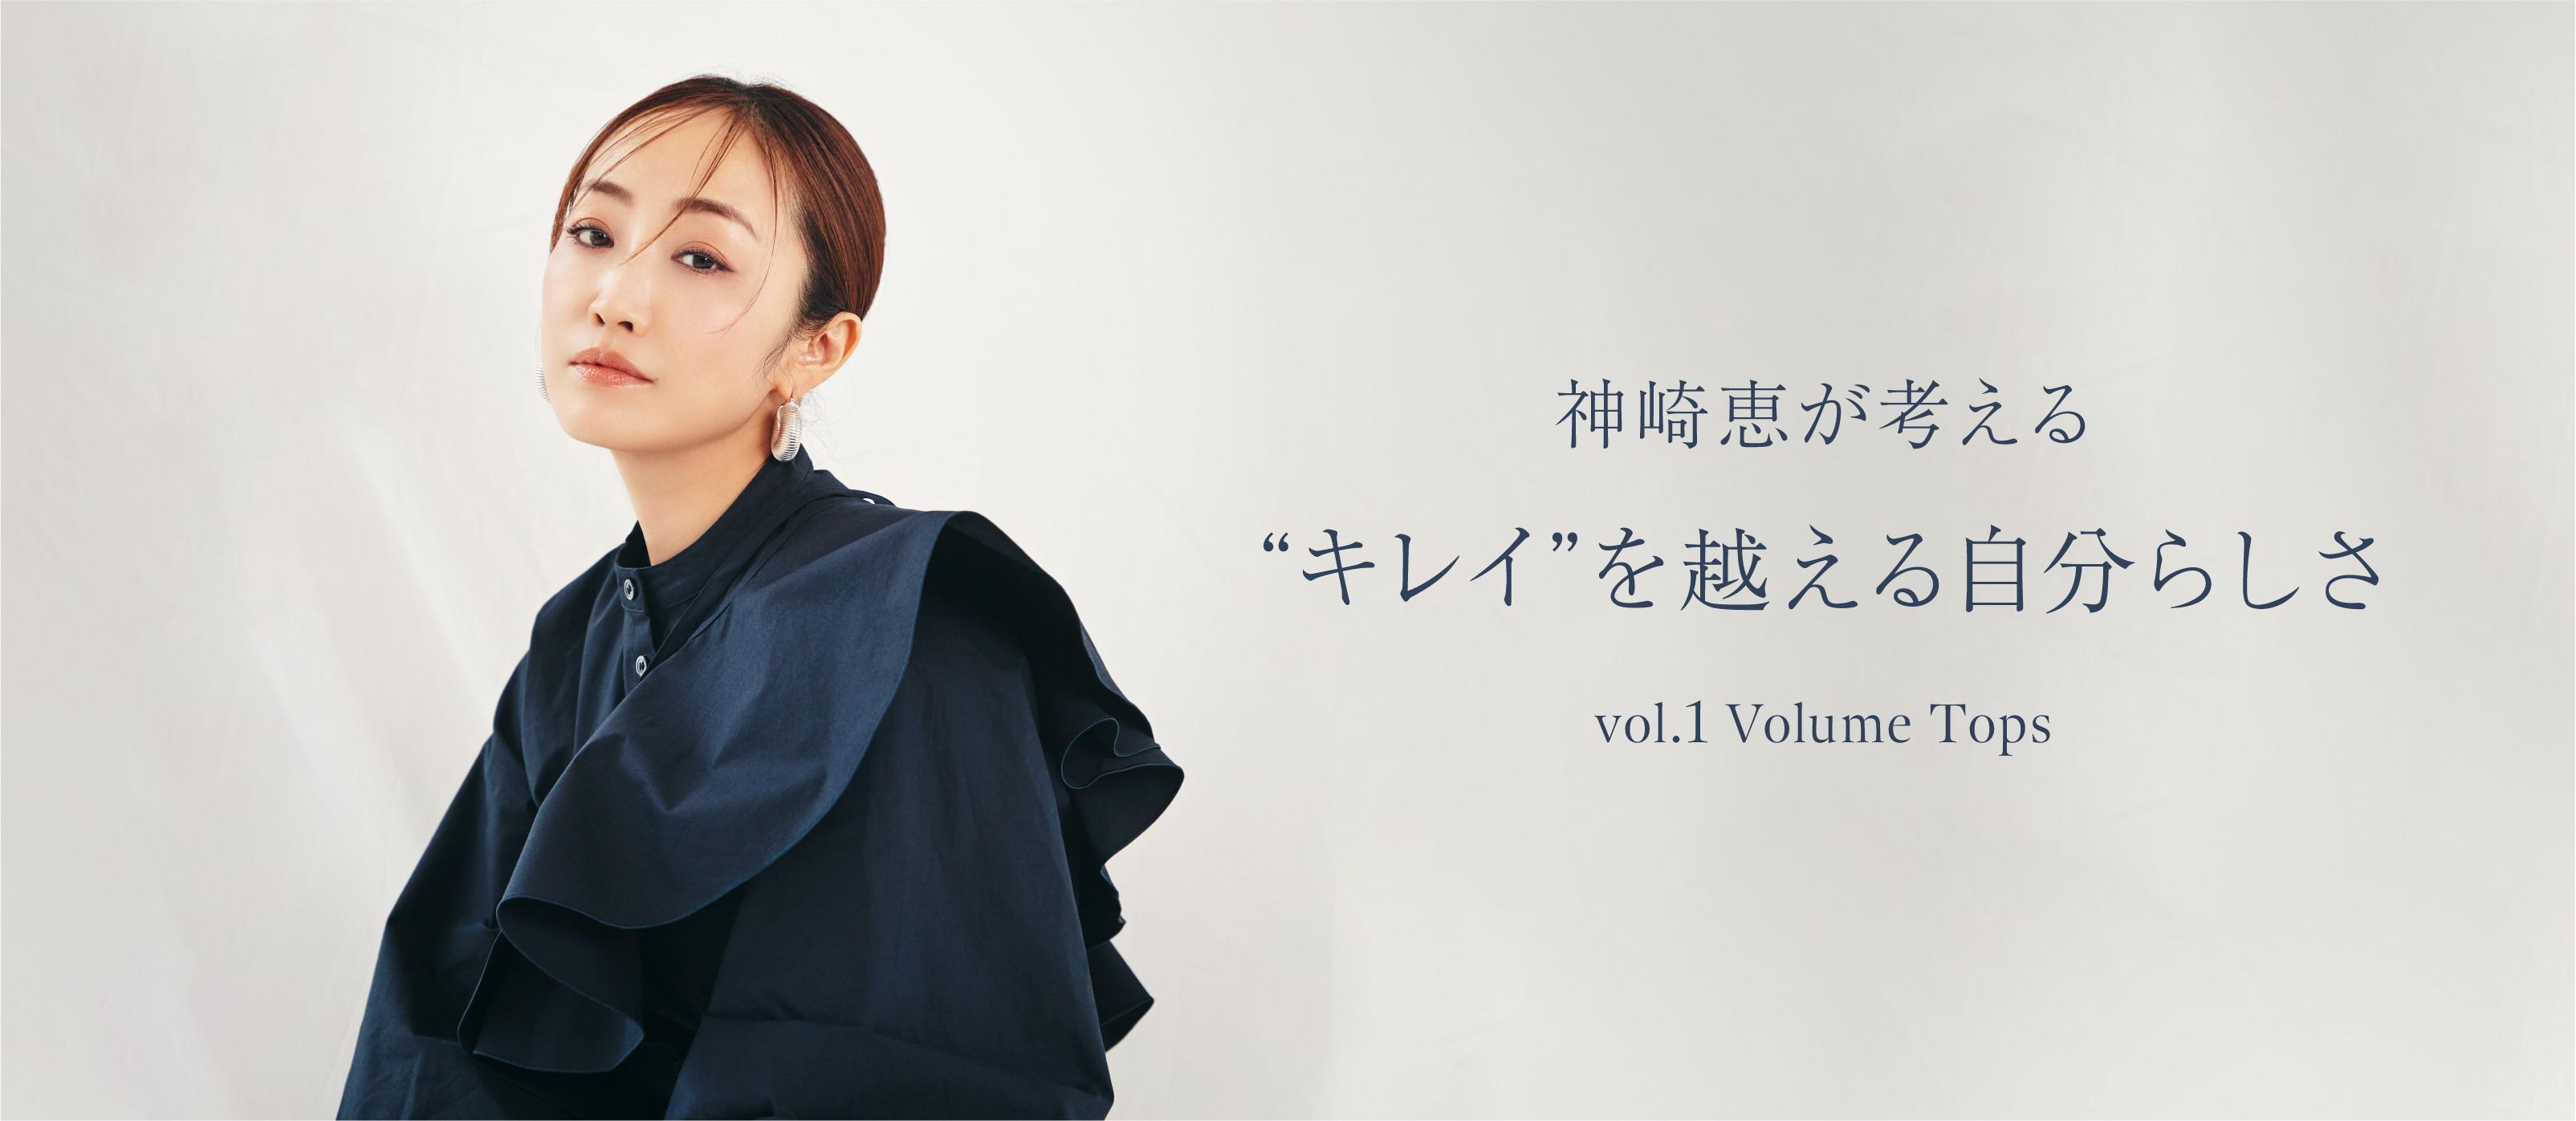 """神崎恵が考える""""キレイ""""を越える自分らしさ vol.1 Volume Tops"""